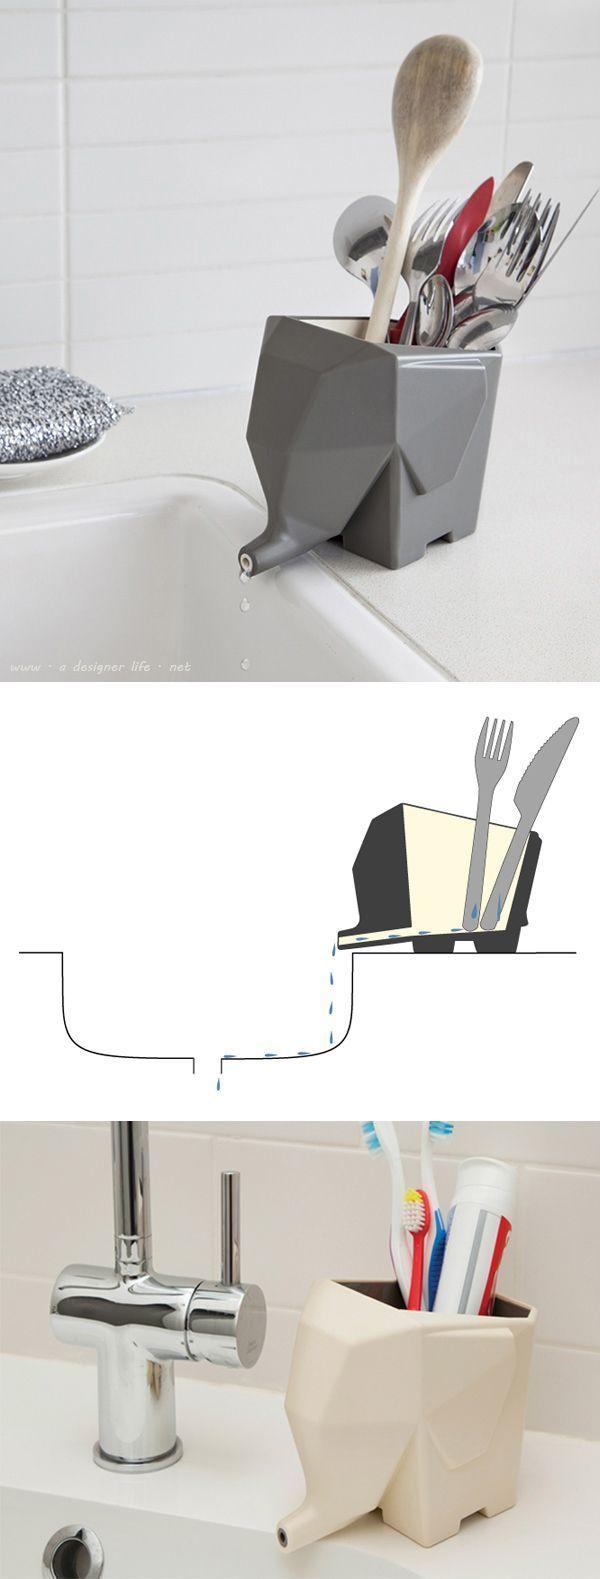 Deko-Accessoire für Küche oder Bad wirklich prak…